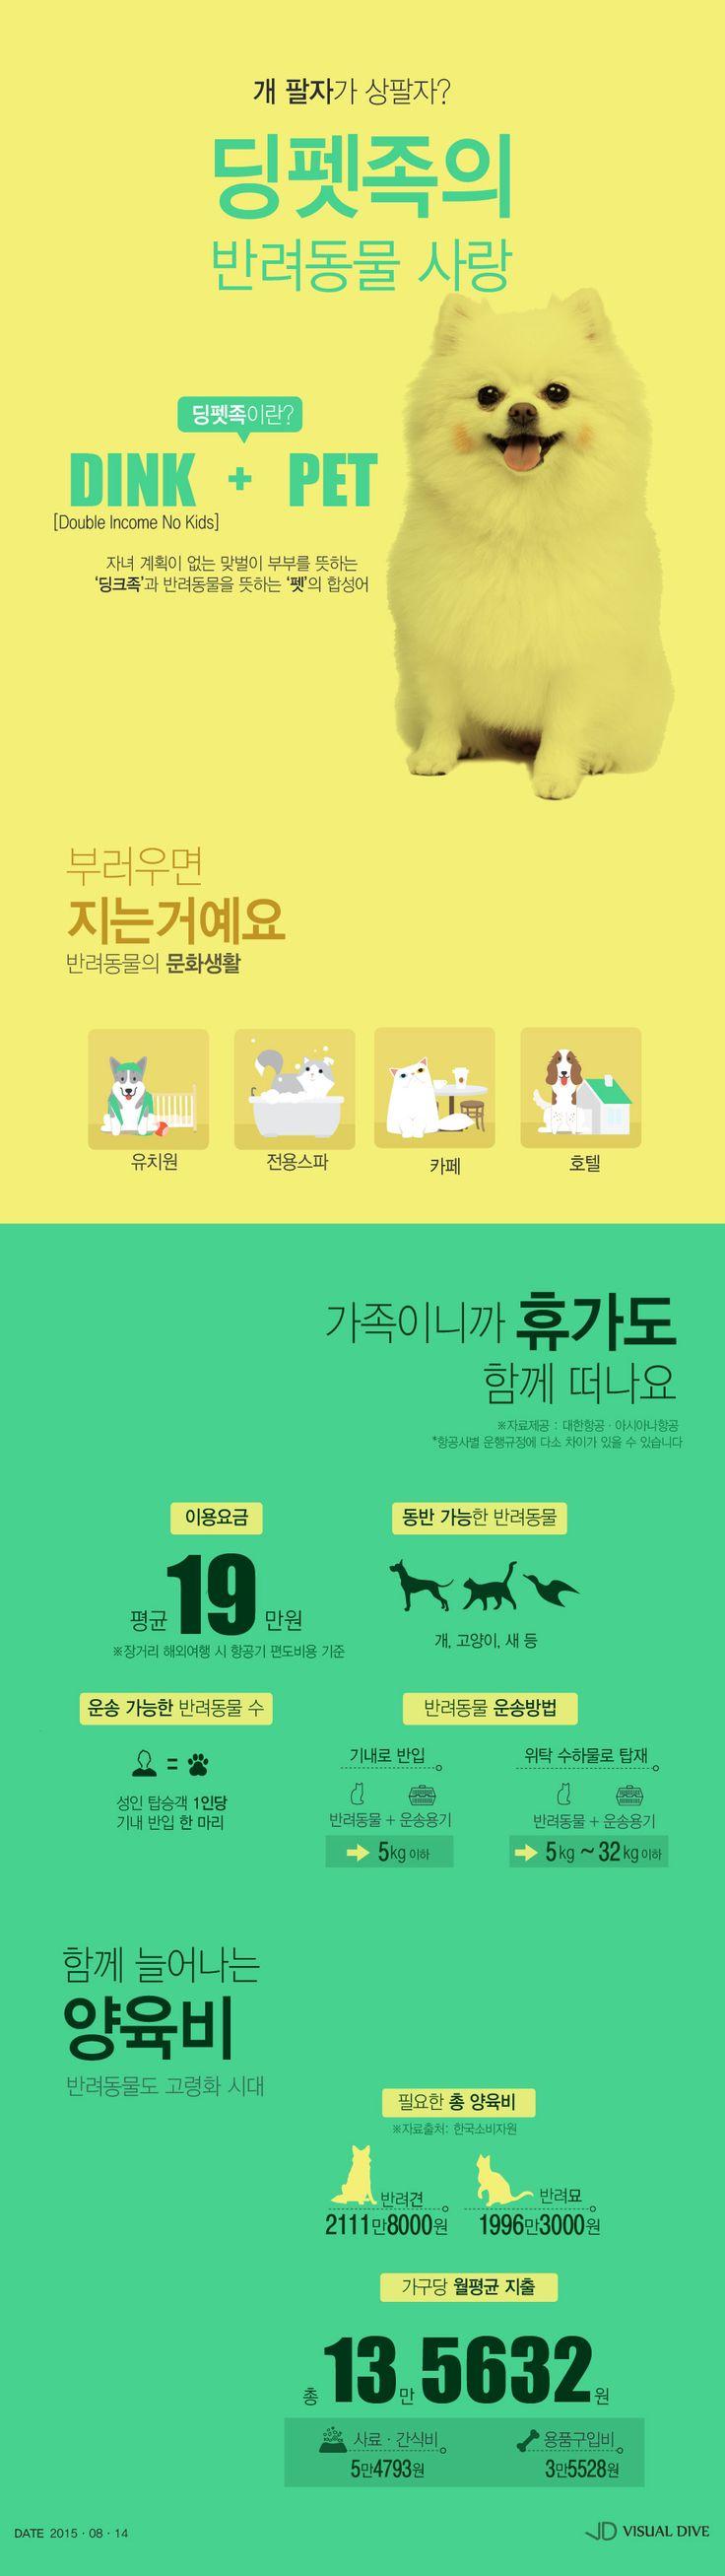 딩펫족의 반려동물 사랑 '사람 부럽지 않네' [인포그래픽] #DINKPET / #Infographic ⓒ 비주얼다이브 무단 복사·전재·재배포 금지